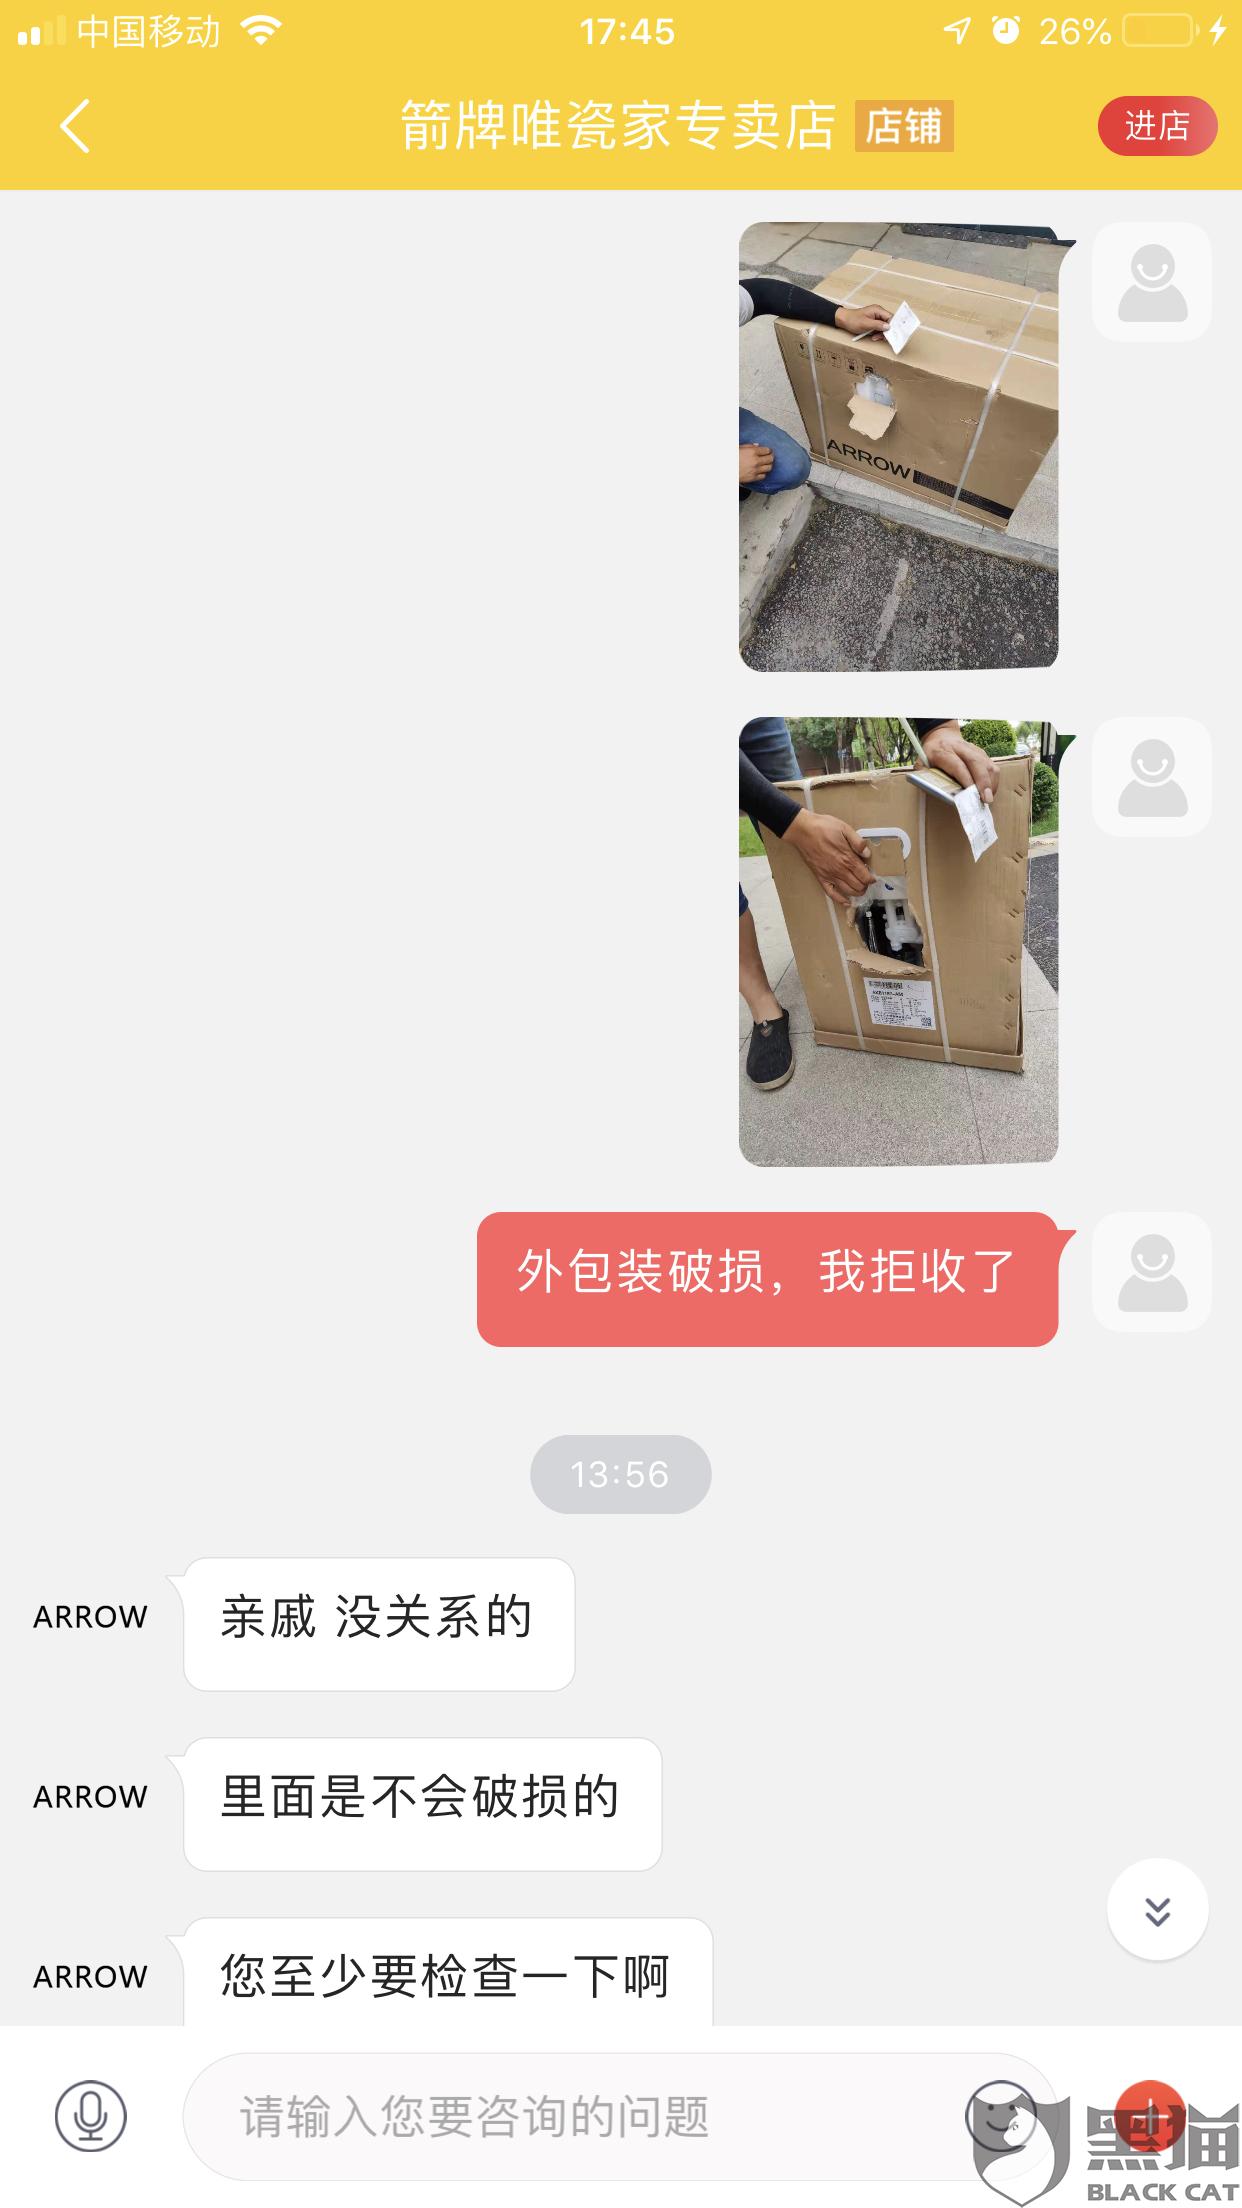 黑猫投诉:京东商家发来的物品外包装破损严重我拒收后拒绝重新发货